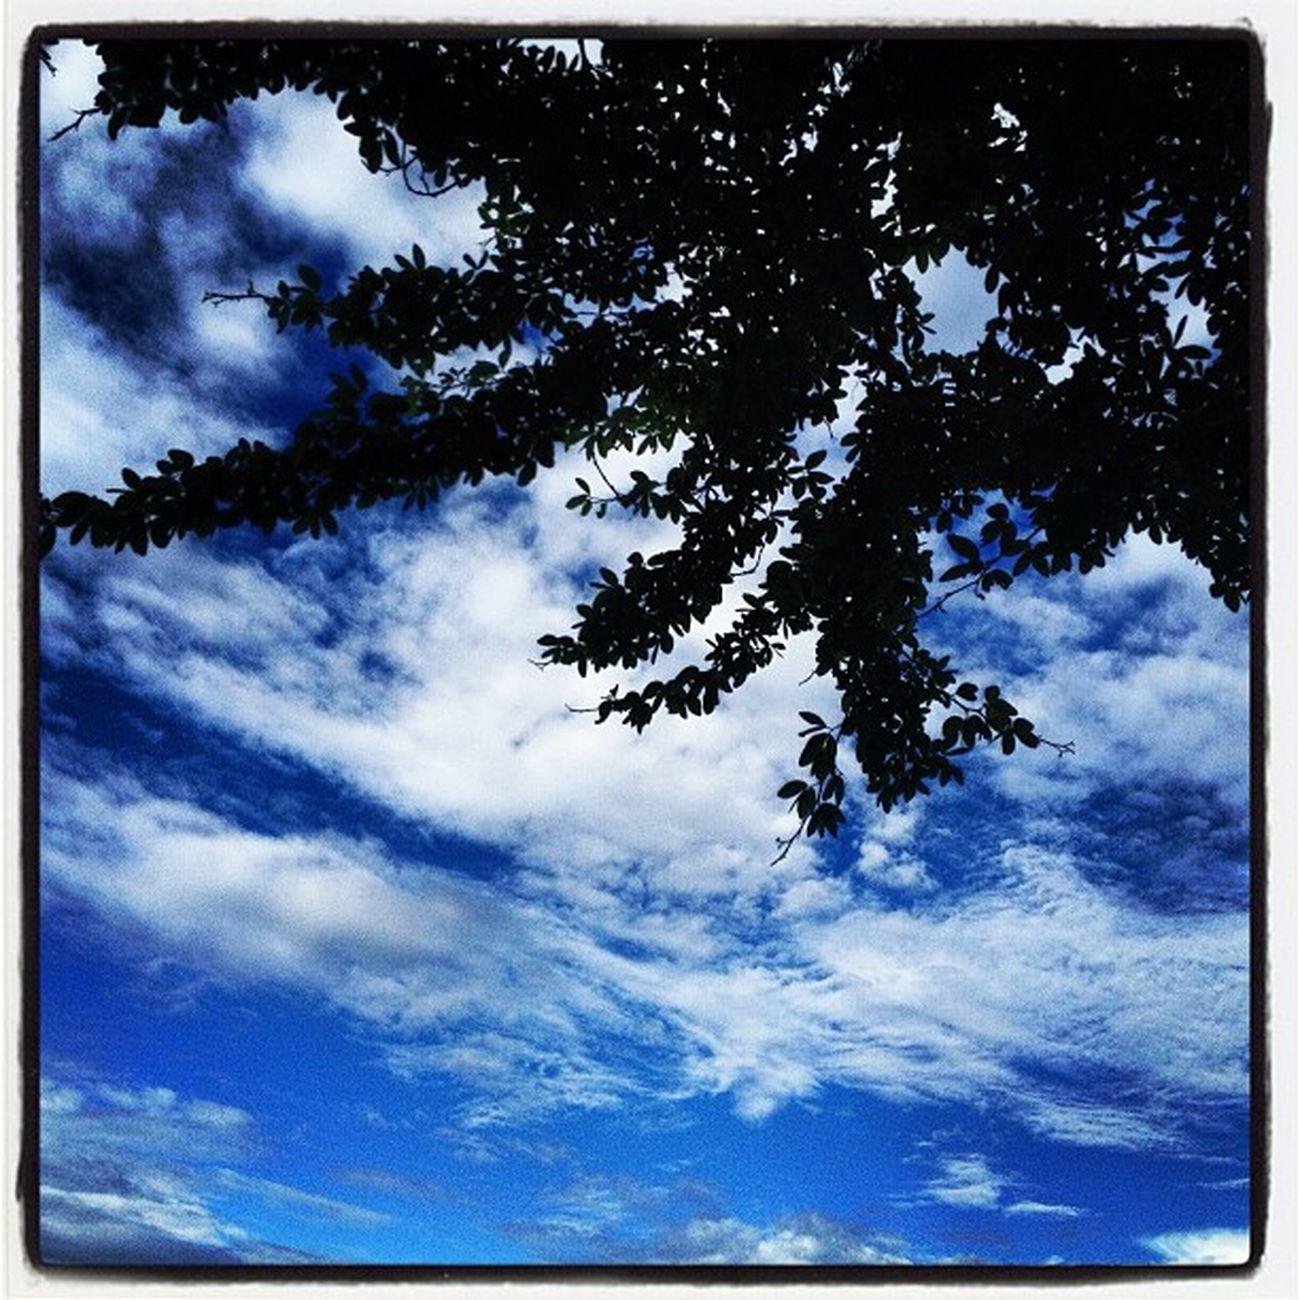 เธอเห็นท้องฟ้านั่นไหม......???